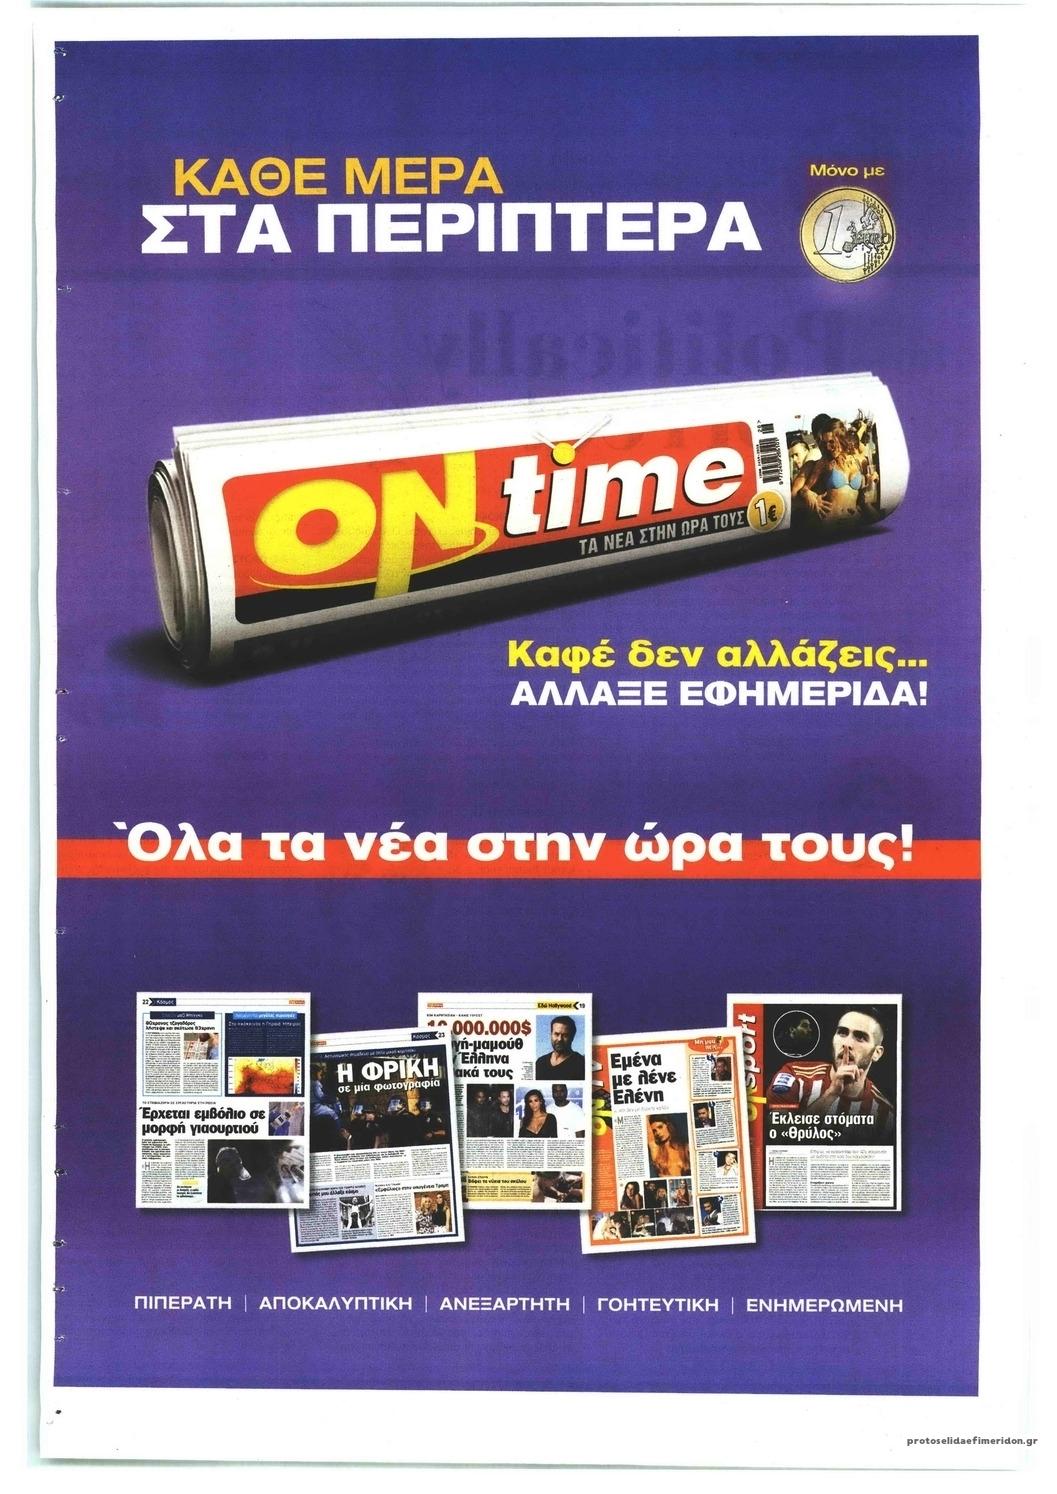 Οπισθόφυλλο εφημερίδας Παραπολιτικά